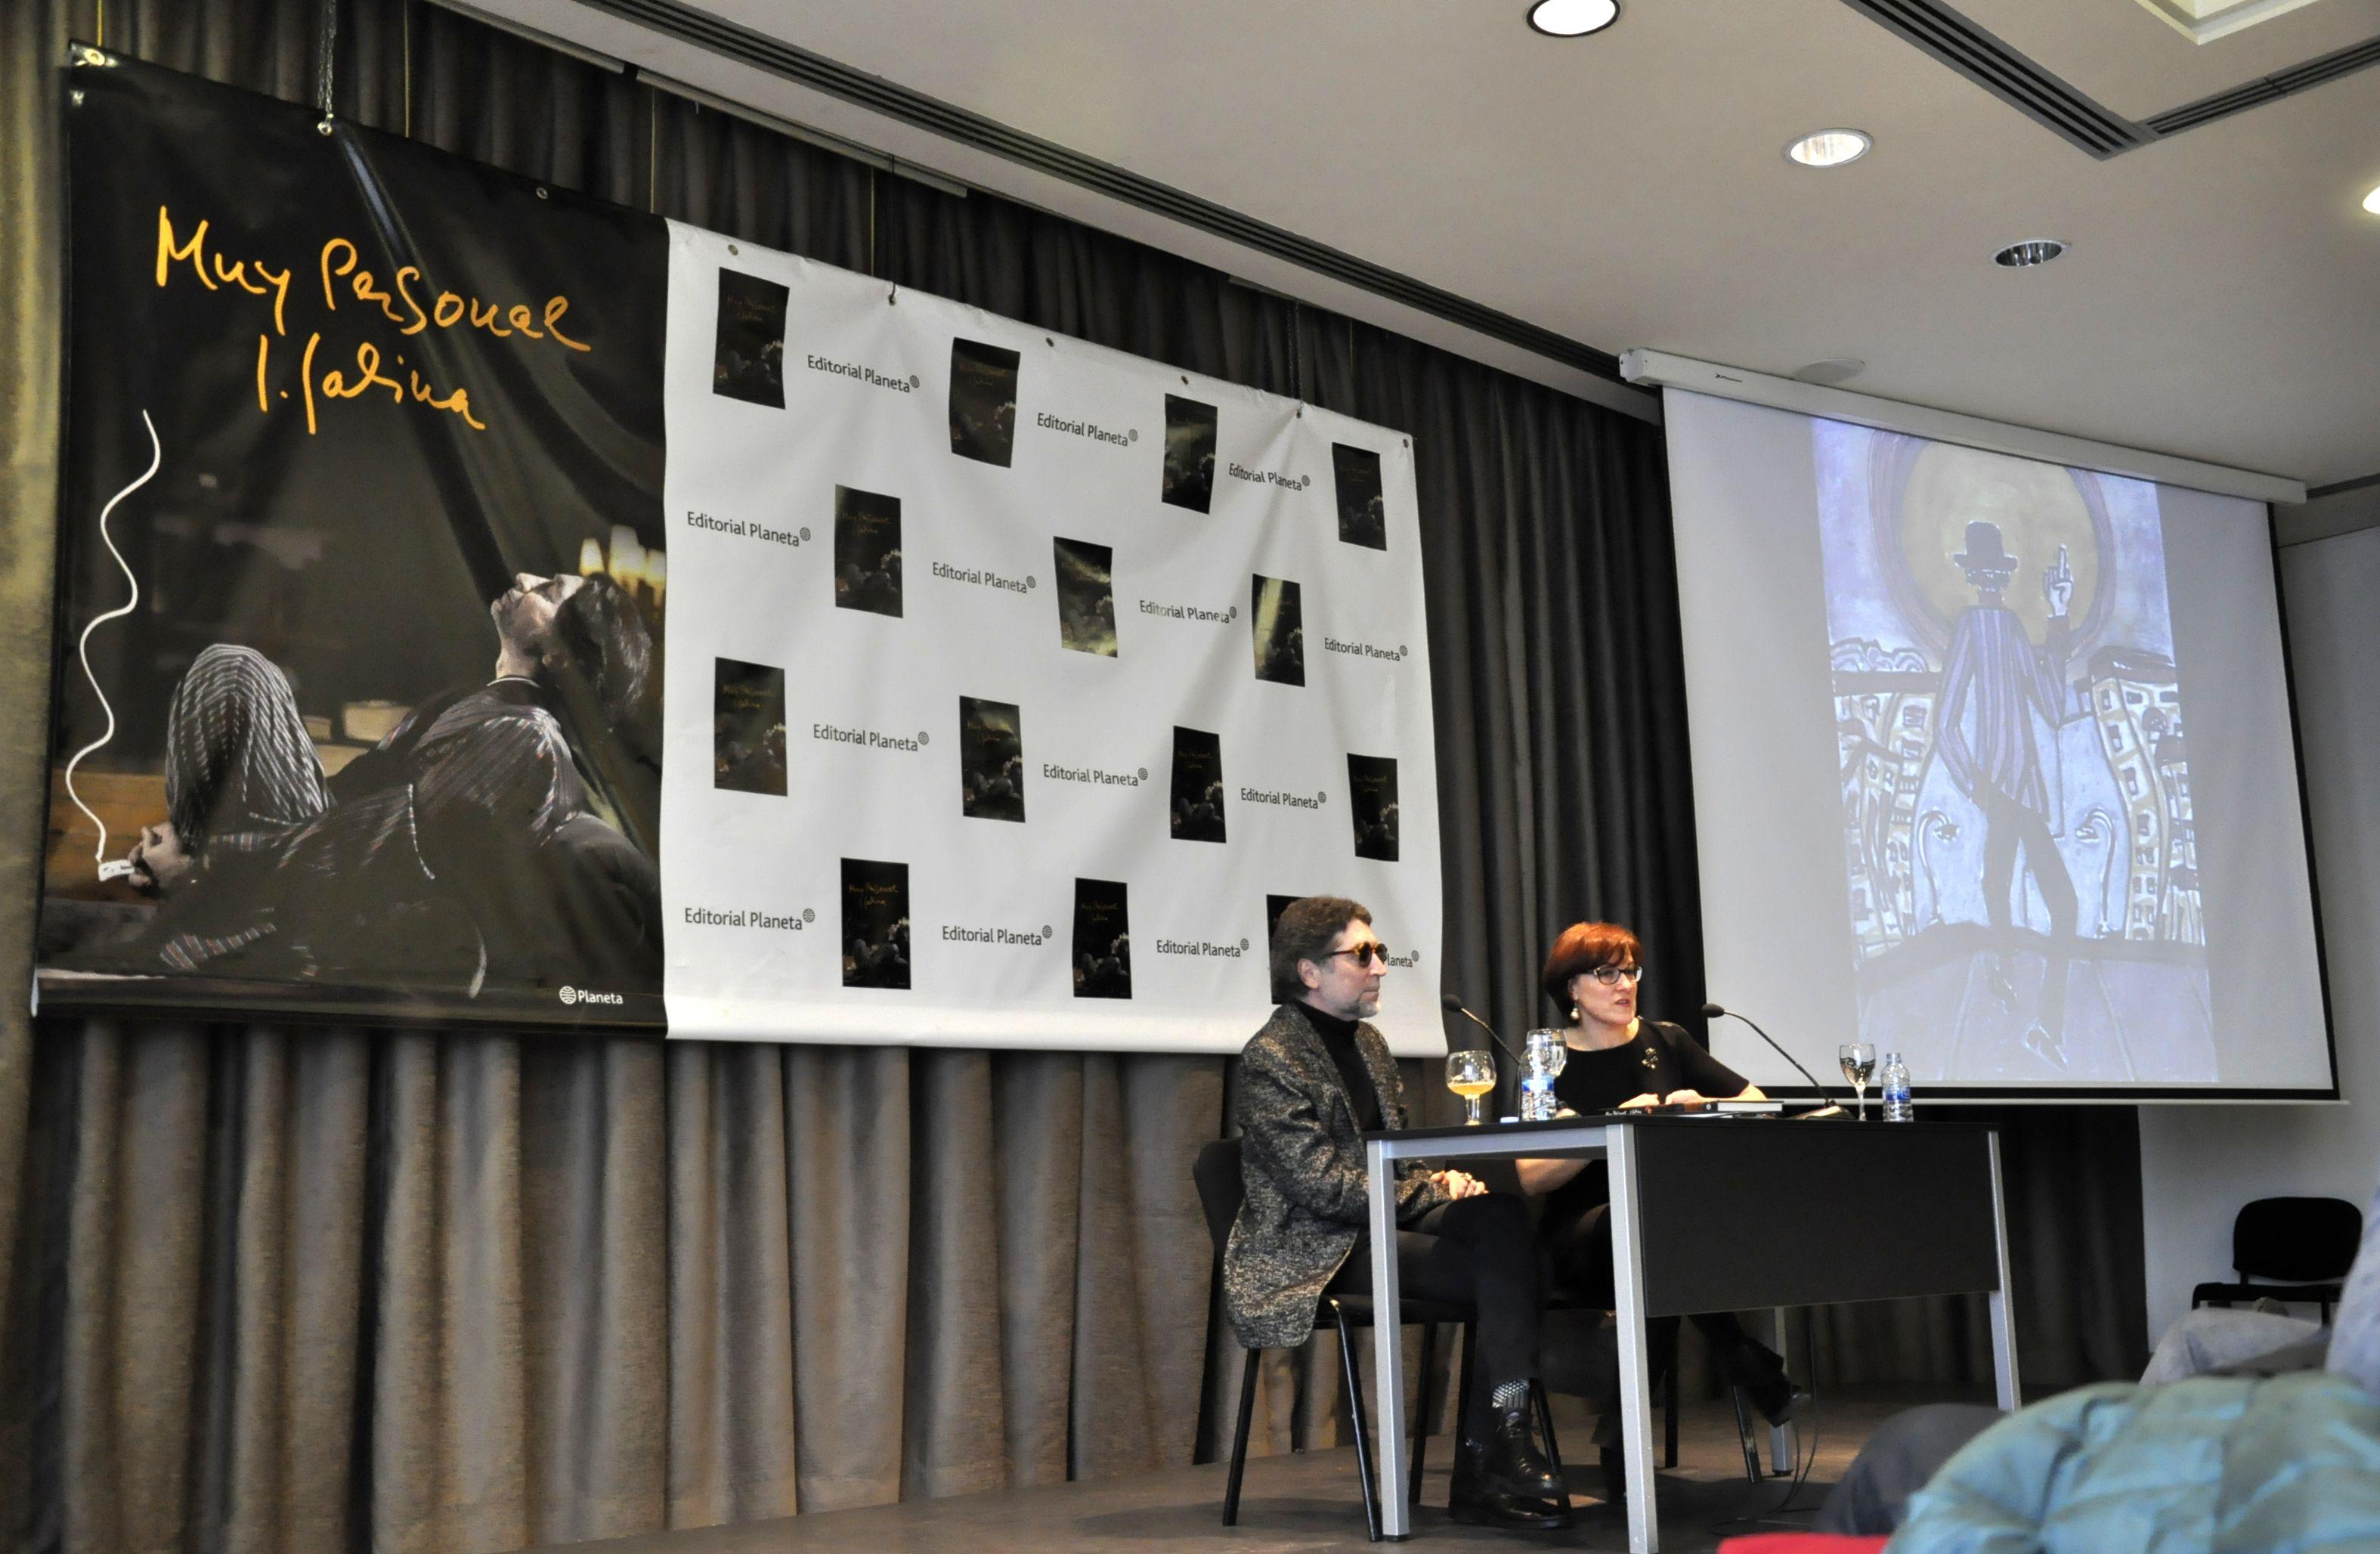 Presentación del libro 'Muy personal', de Joaquín Sabina, en el Círculo de Bellas Artes de Madrid. BF